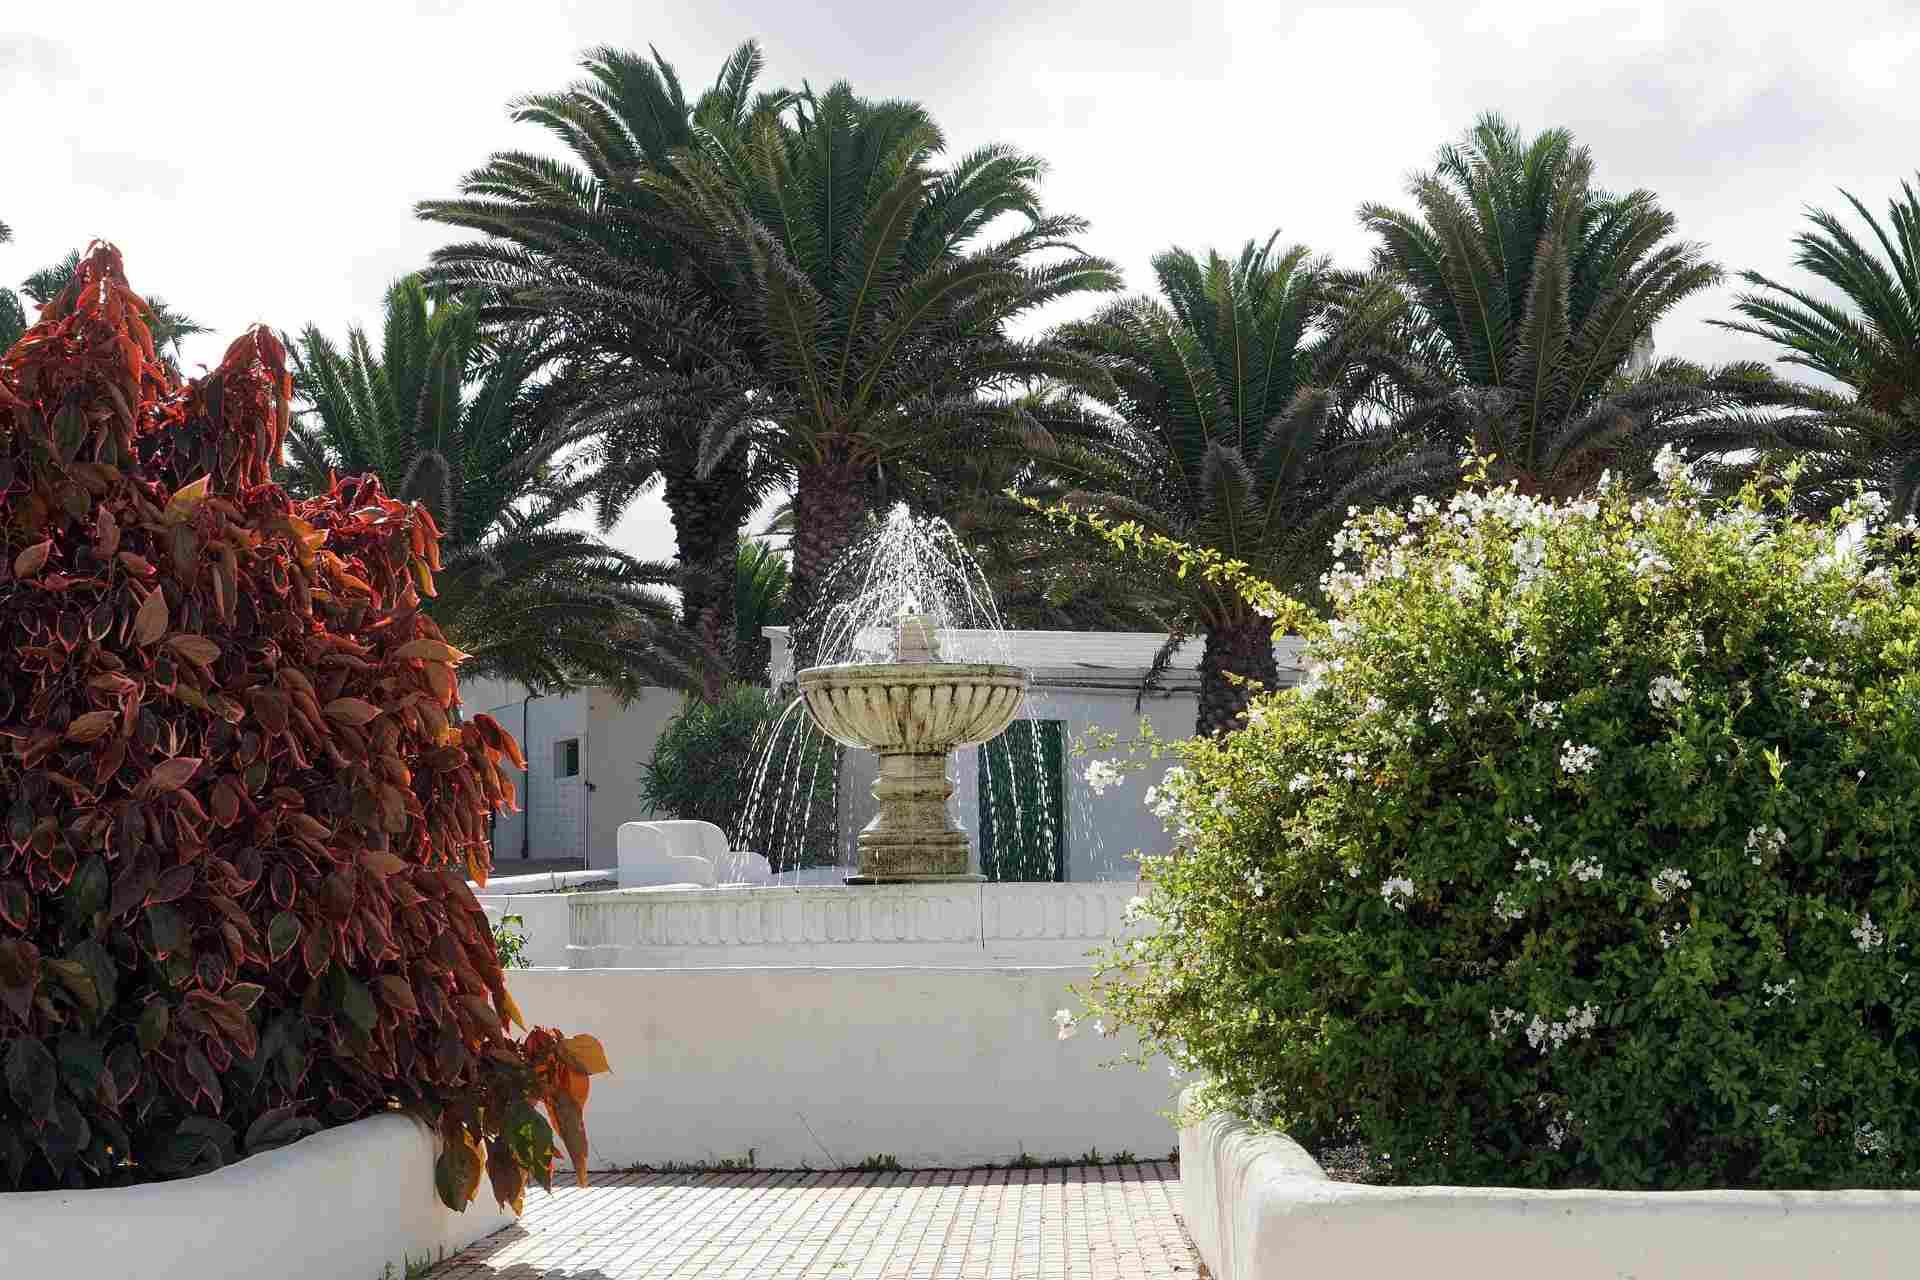 Brunnen im Ort Teguise auf Lanzarote